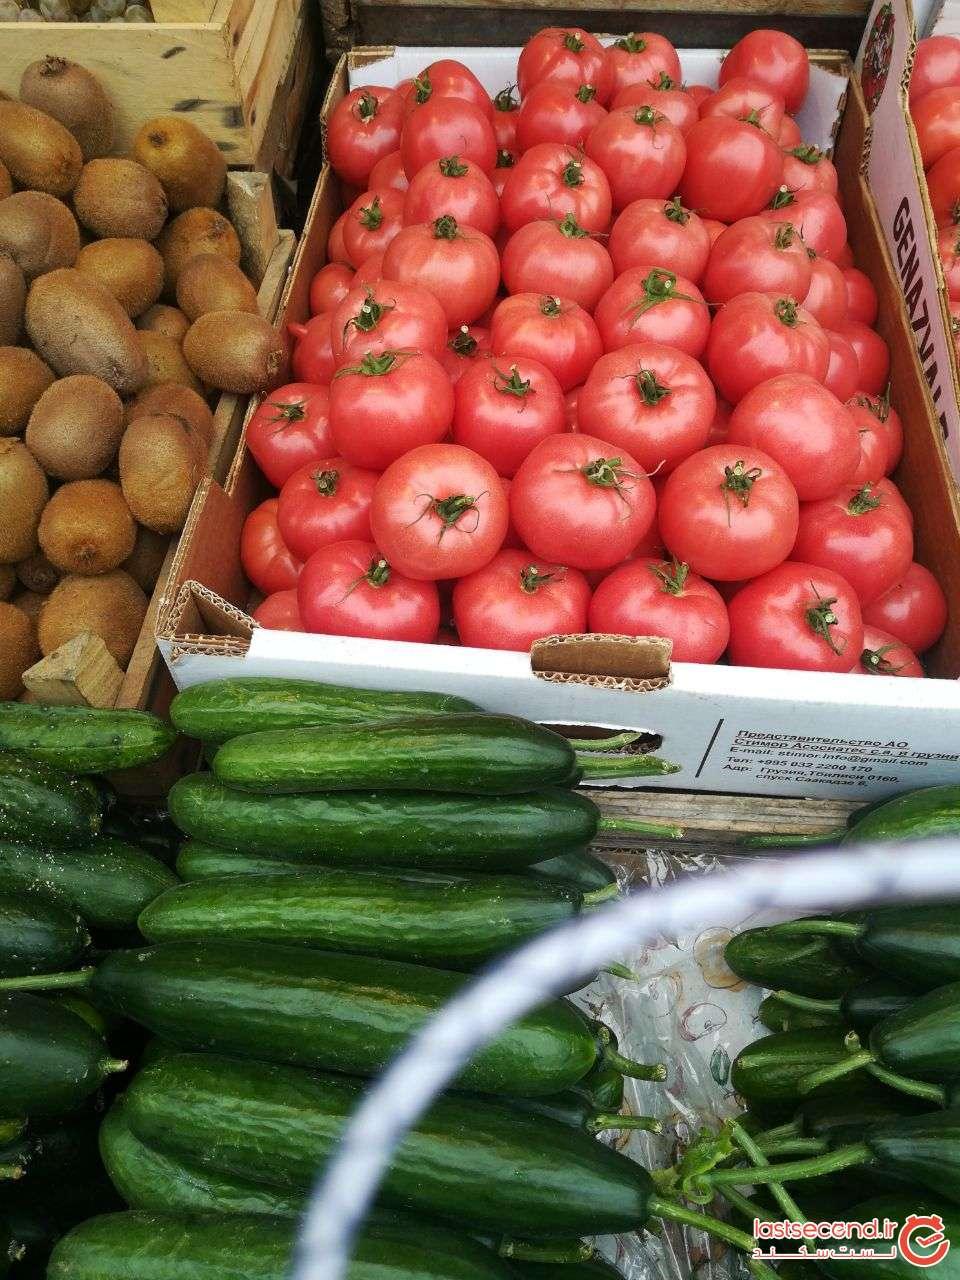 بازارمیوه و سبزی تفلیس.jpg